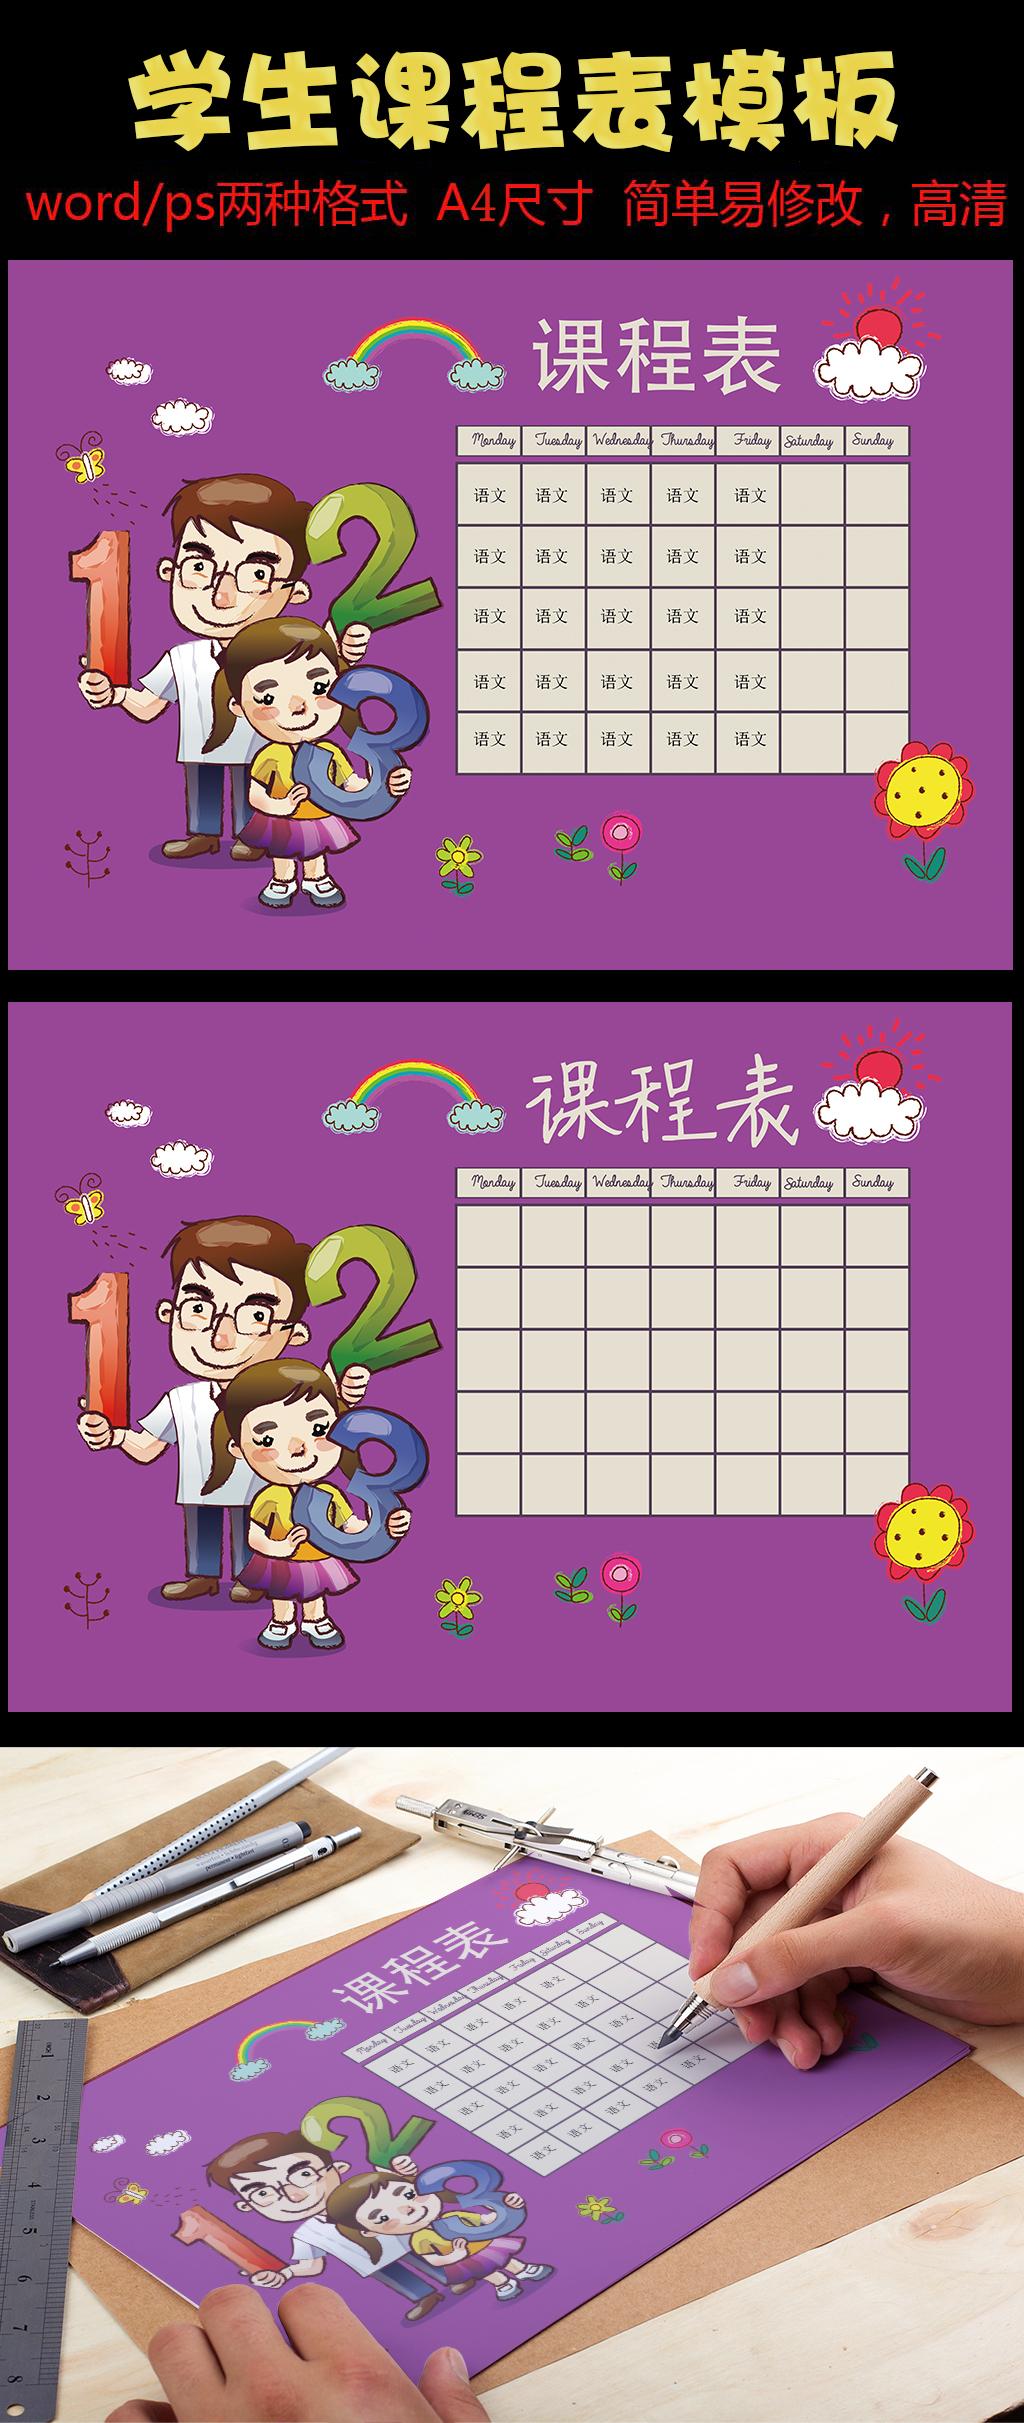 2017紫色手绘老师学生课程表设计学习表